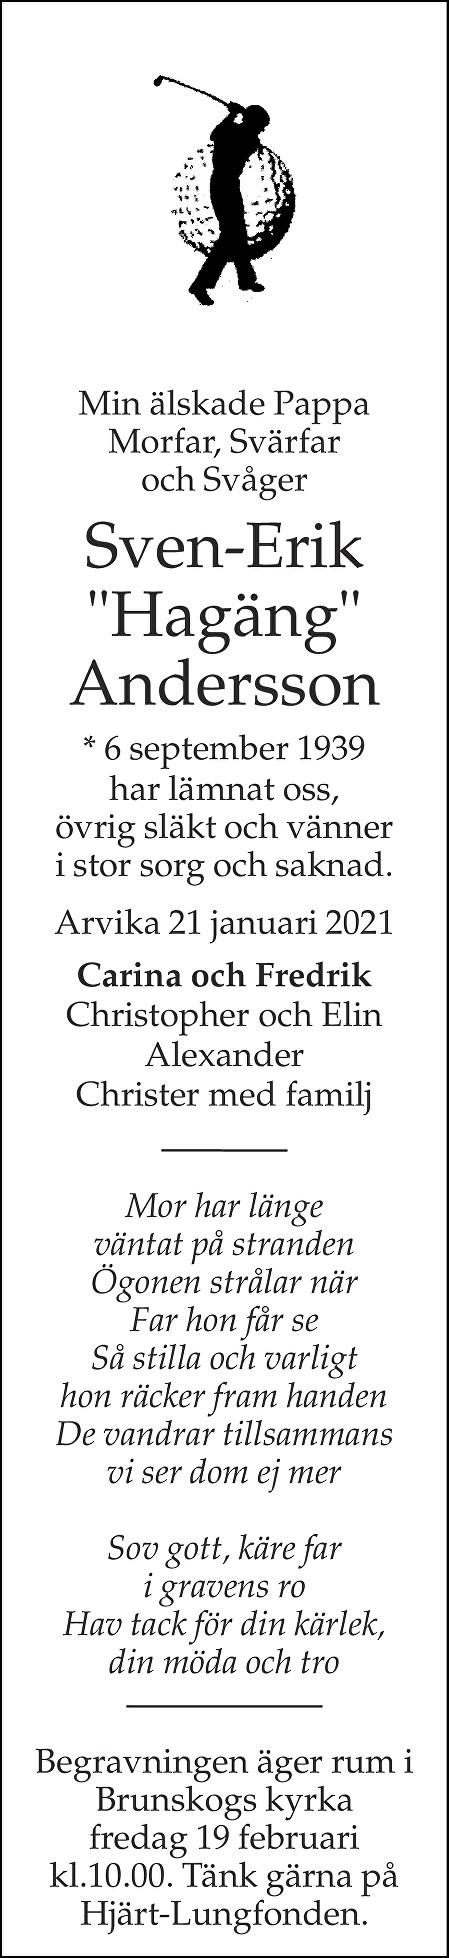 Sven-Erik Andersson Death notice